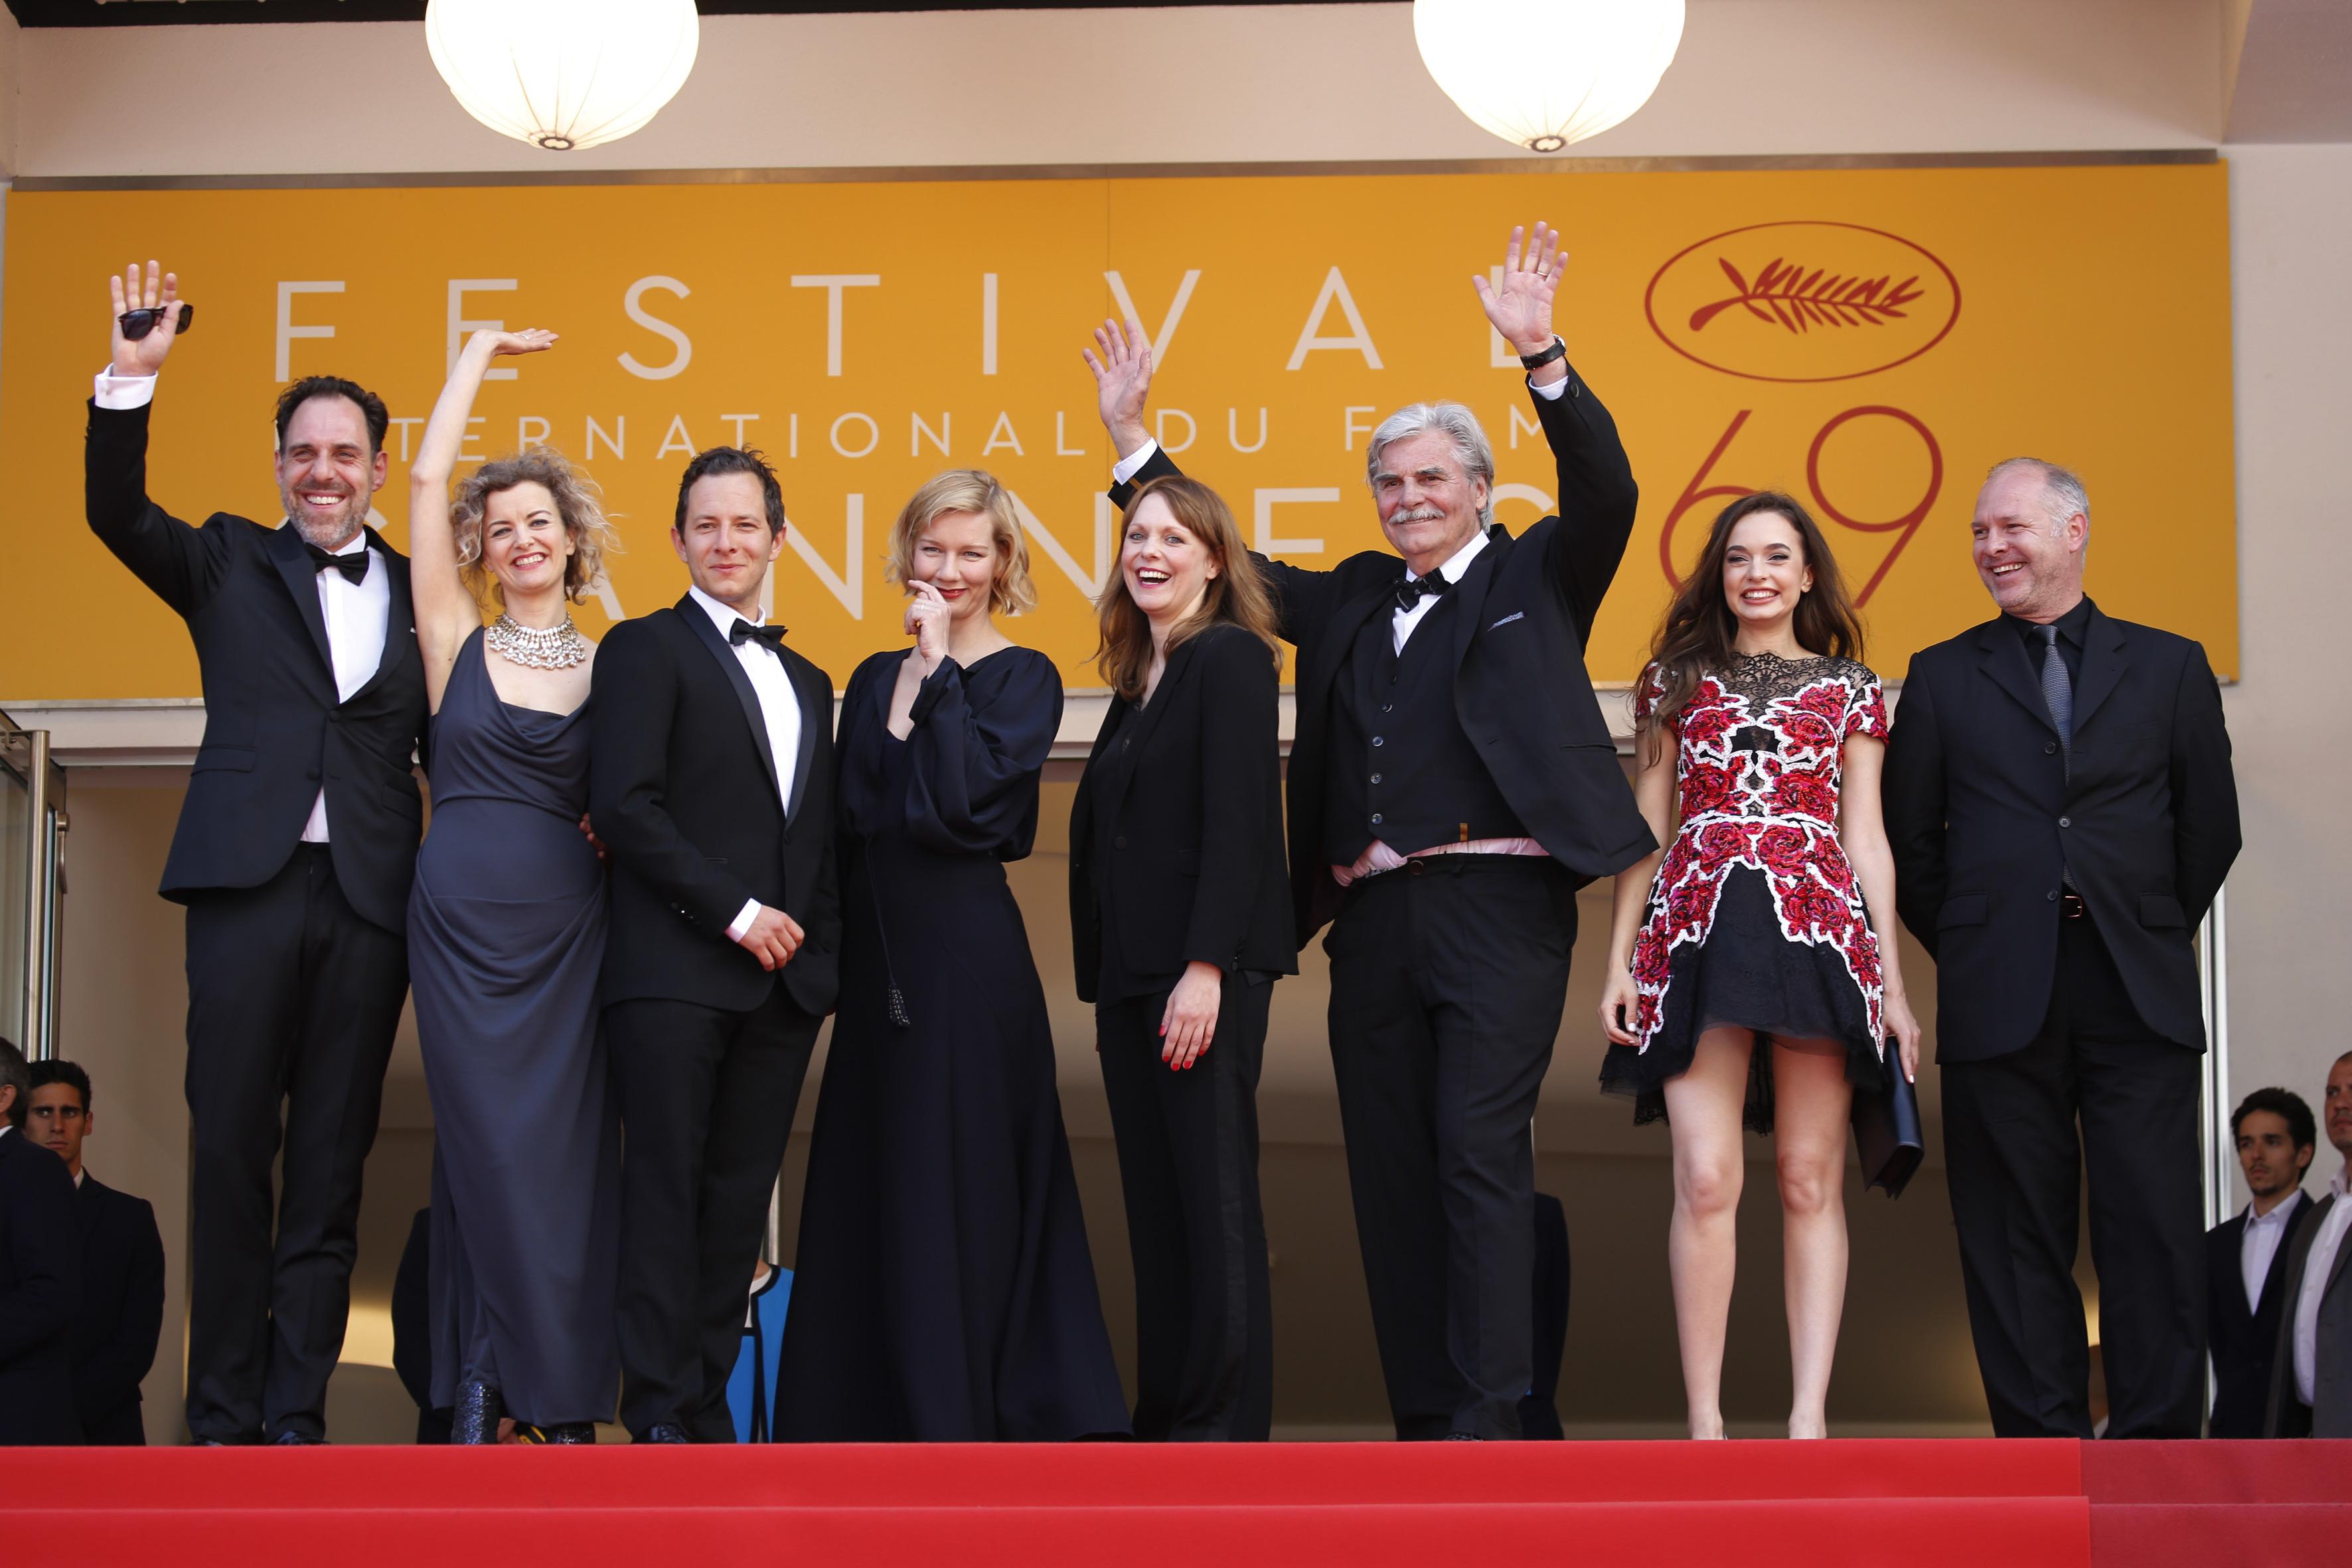 Maren Ade, Vlad Ivanov, Lucy Russell, Peter Simonischek, Sandra Hüller, Trystan Pütter, Ingrid Bisu, and Thomas Loibl at an event for Toni Erdmann (2016)